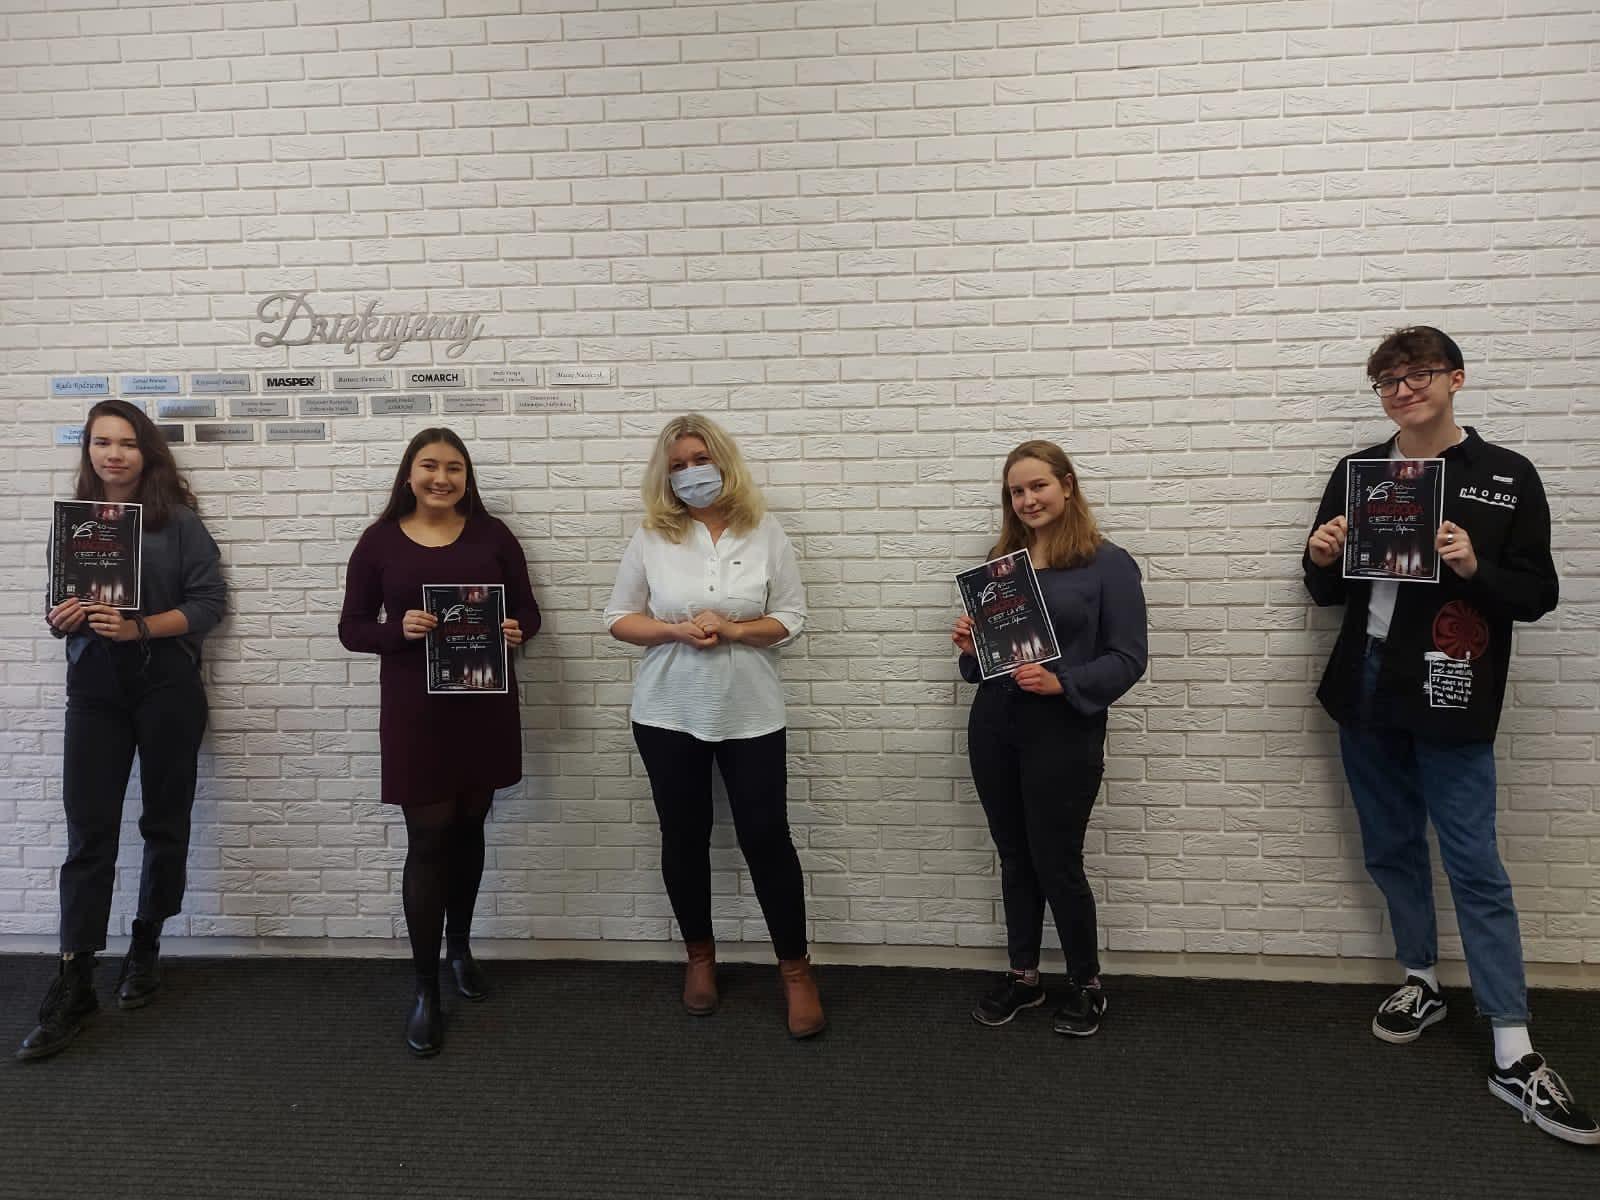 Uczniowie z LO Andrychów wyróżnieni na małopolskim festiwalu talentów [FOTO]